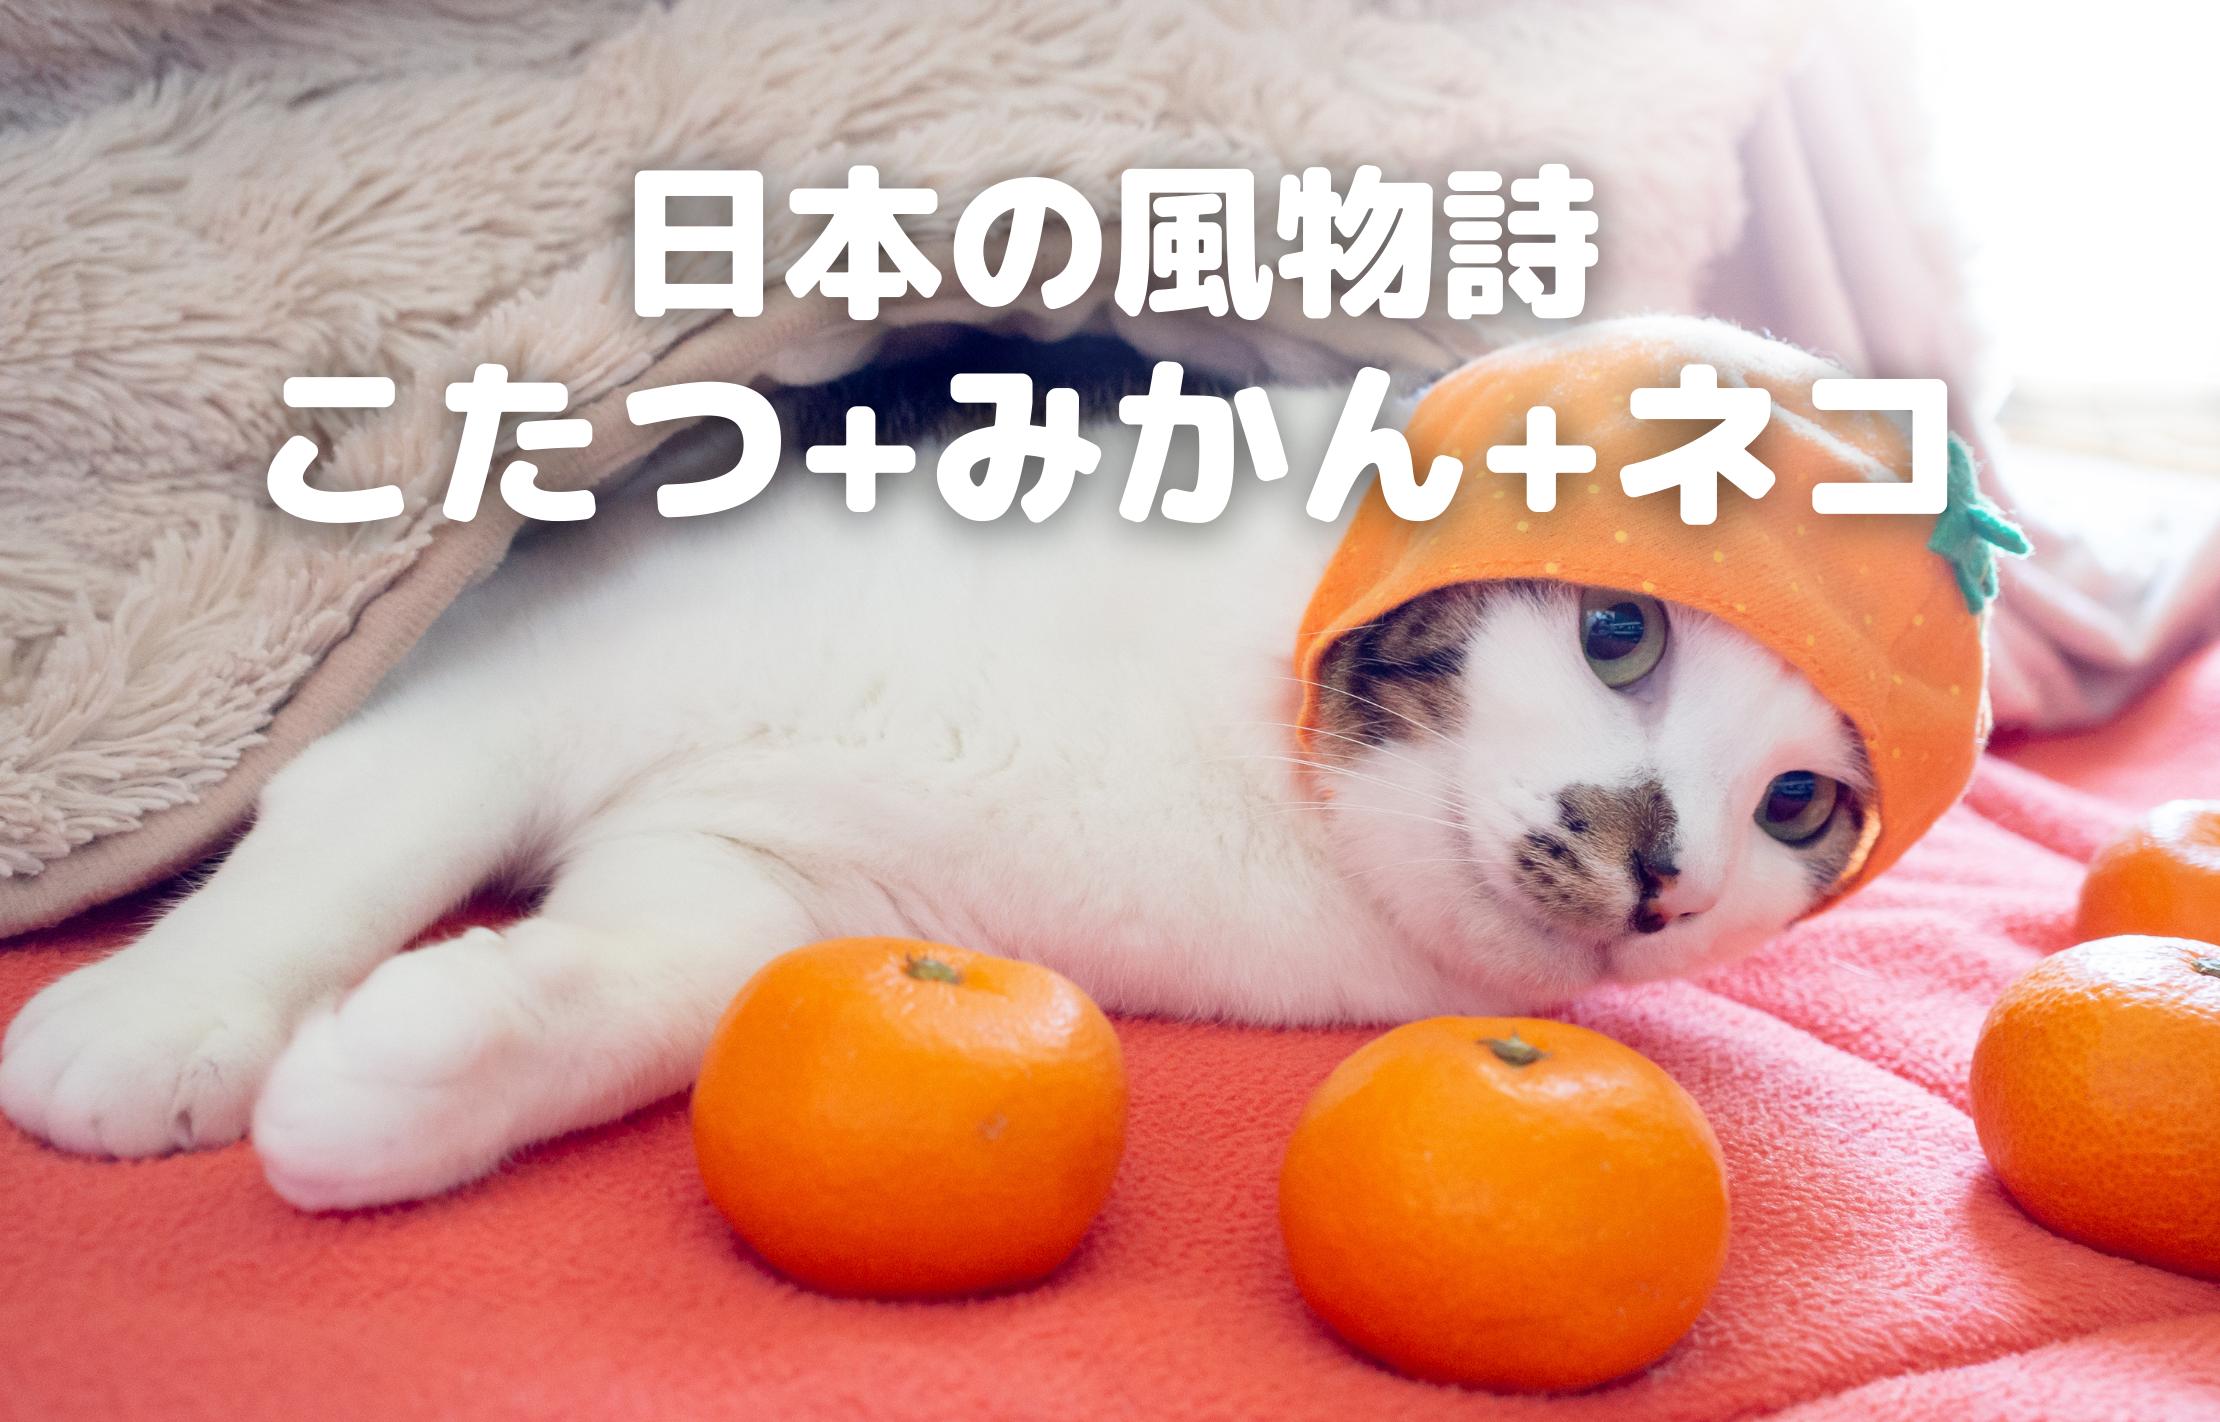 日本の風物詩 こたつ+みかん+ネコ